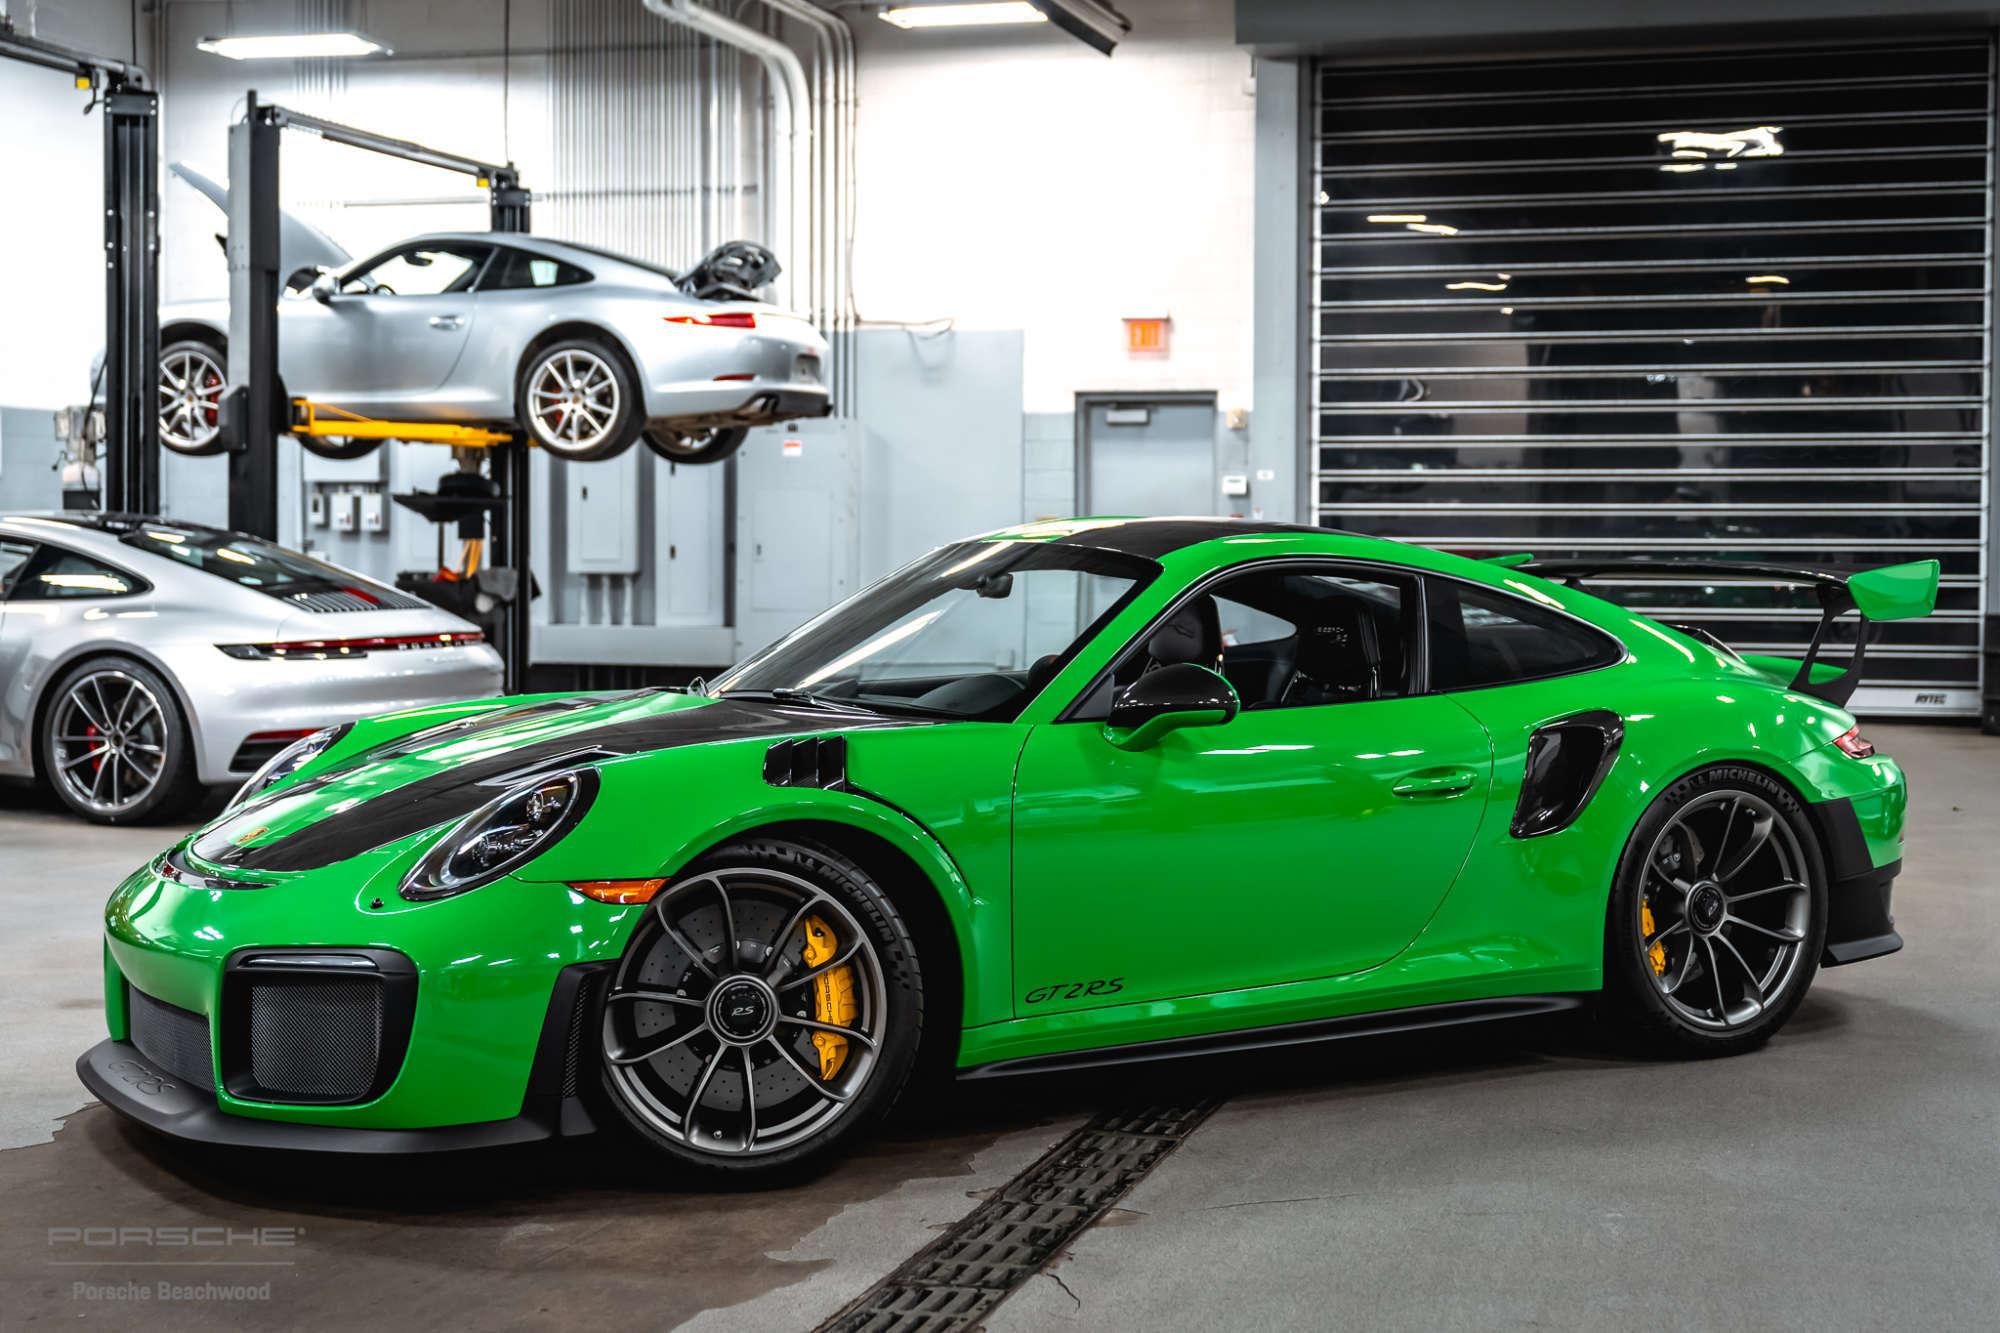 Porsche Green – From Auratium Green to Viper Green